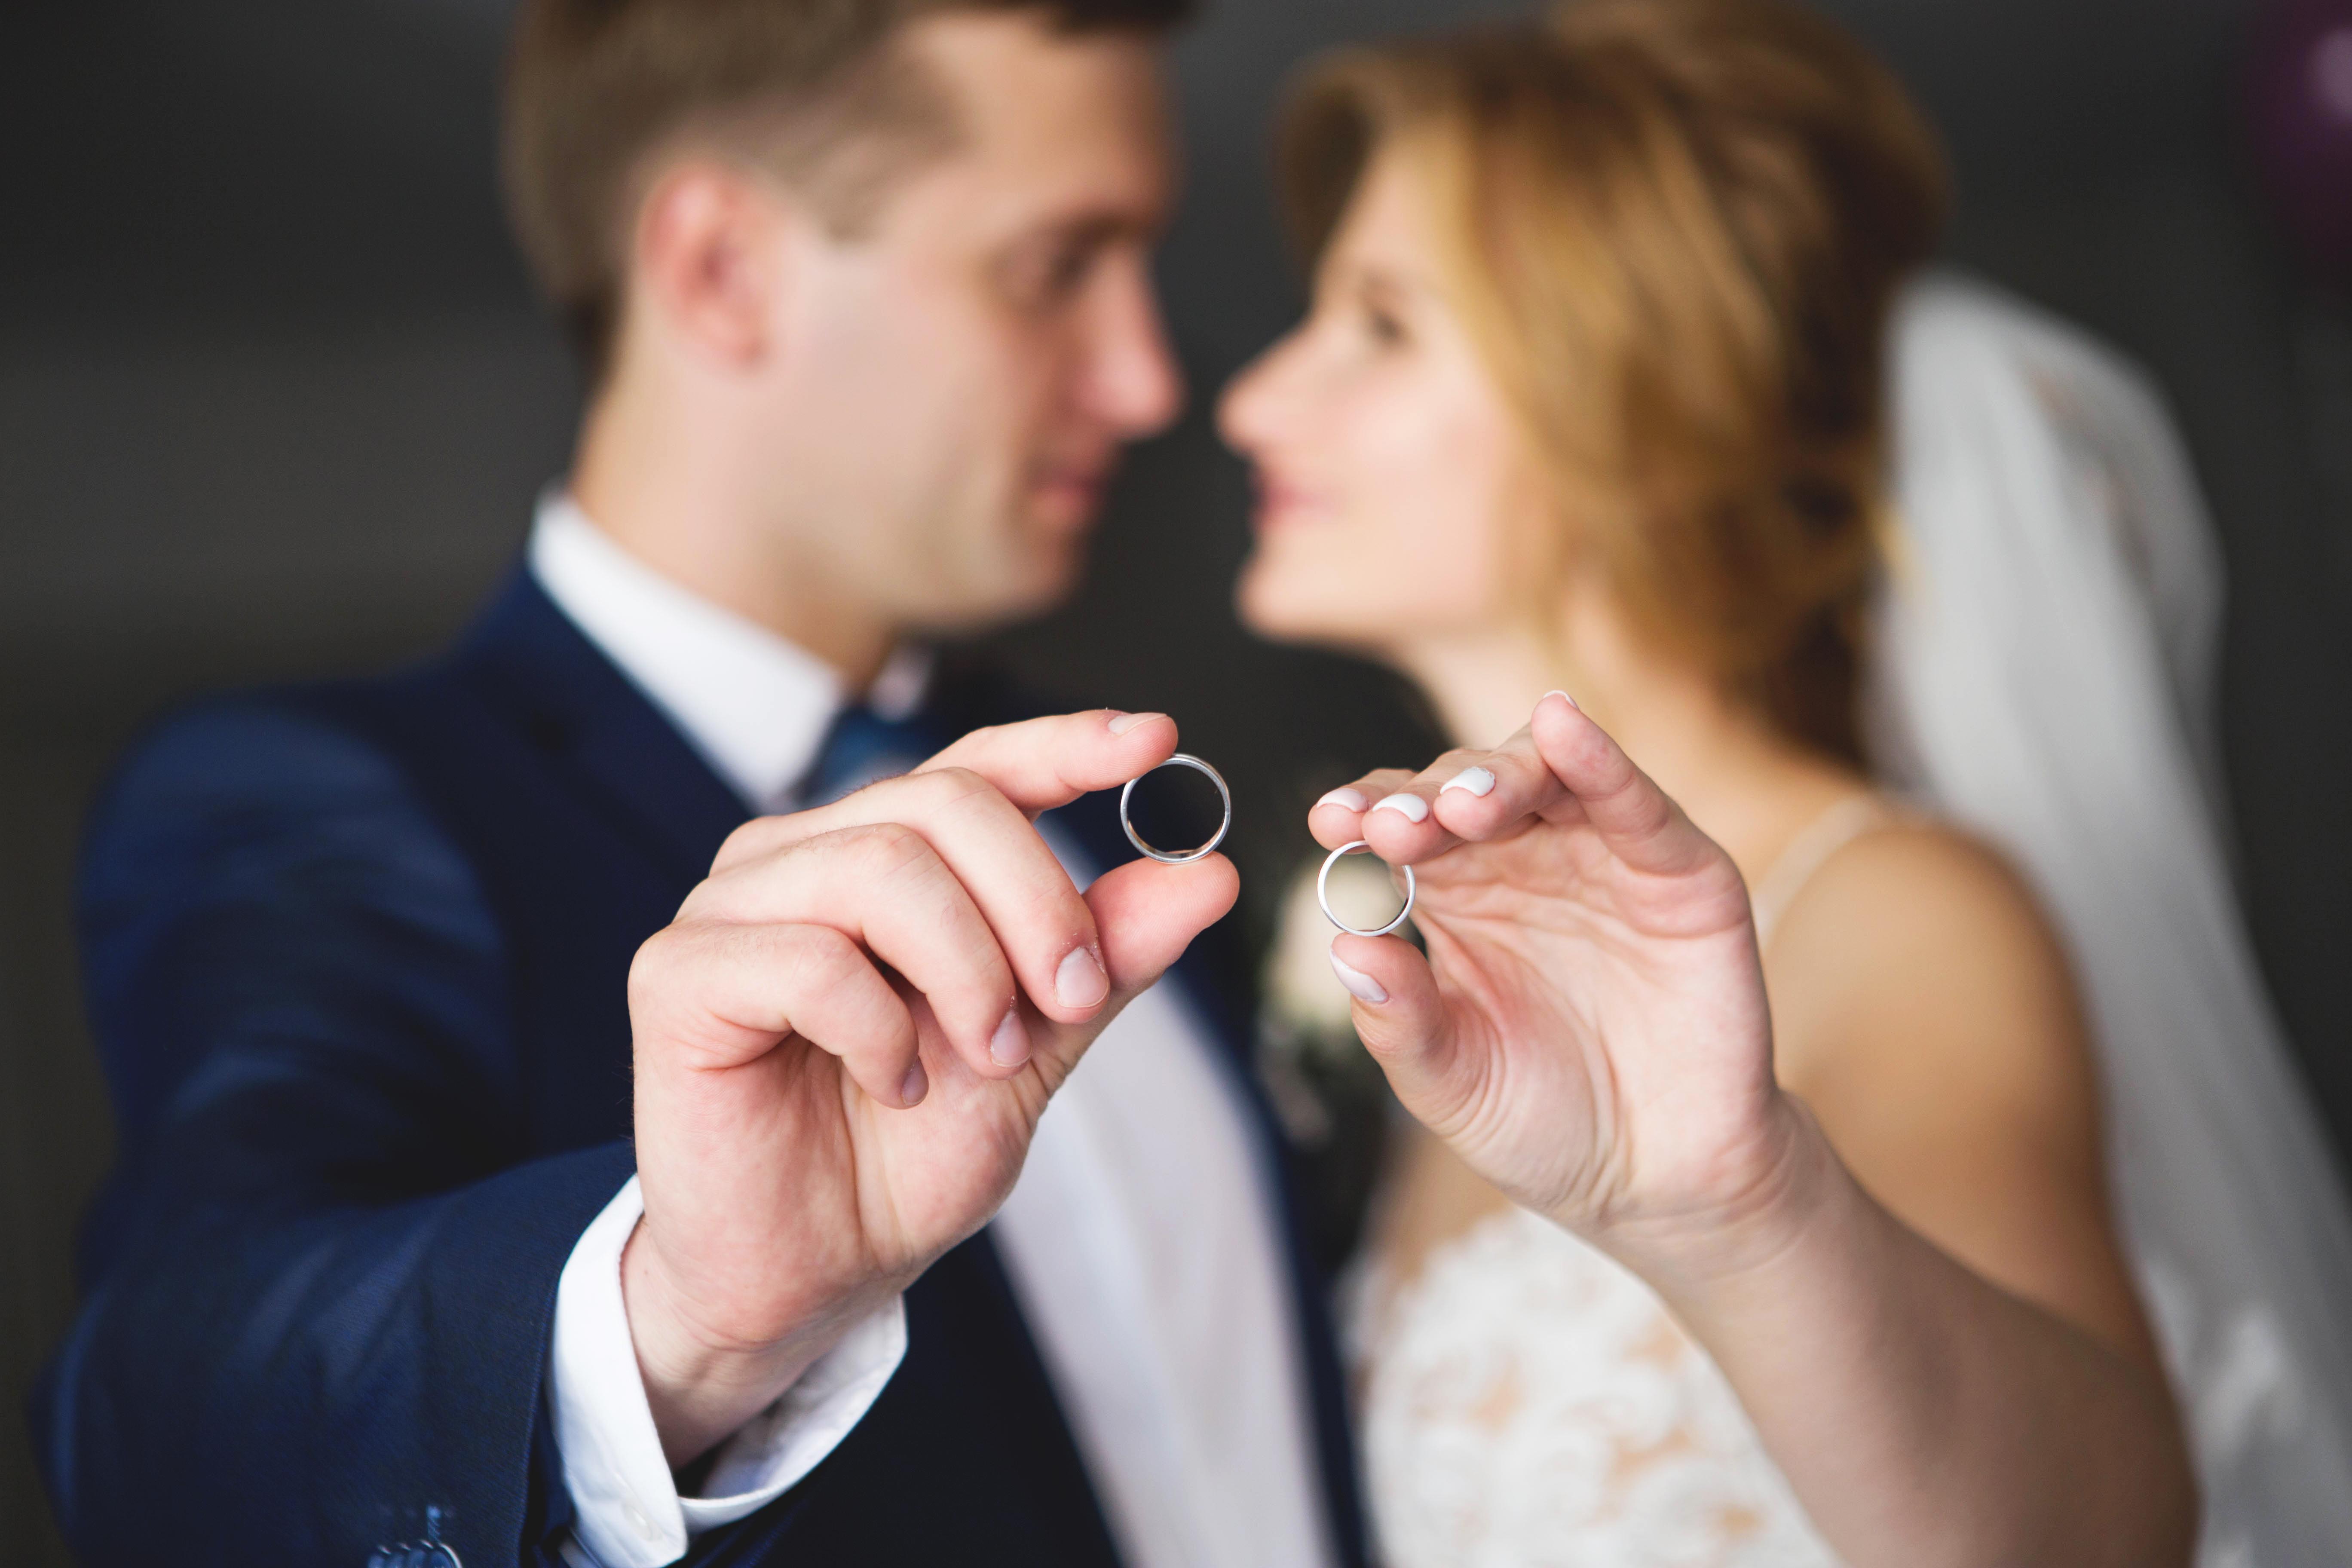 Брак как возможность получить ПМЖ Эстонии для иностранца